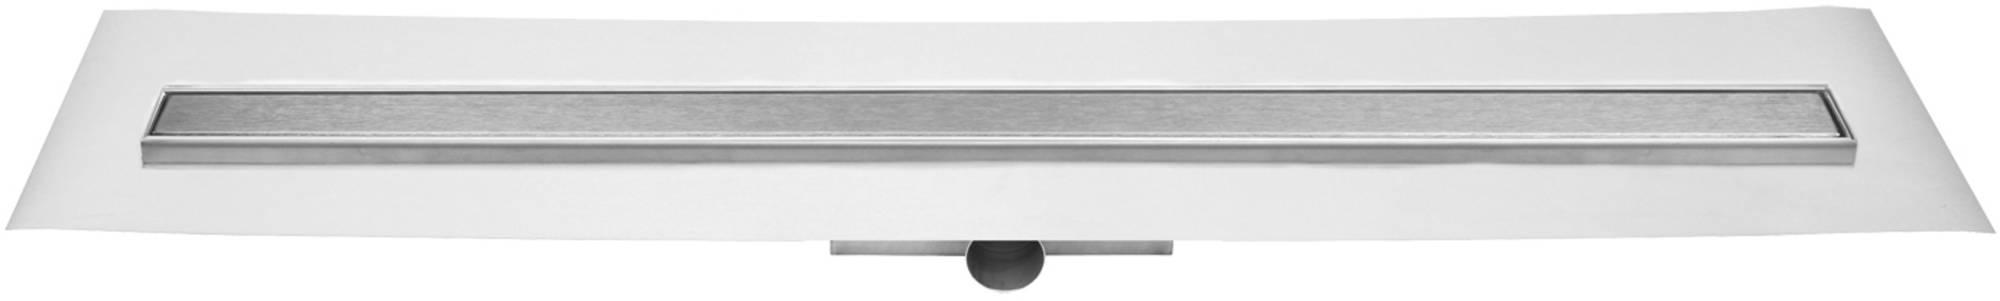 Easydrain Compact ff zero afvoergoot 90x6 cm, zijaansluiting, rvs